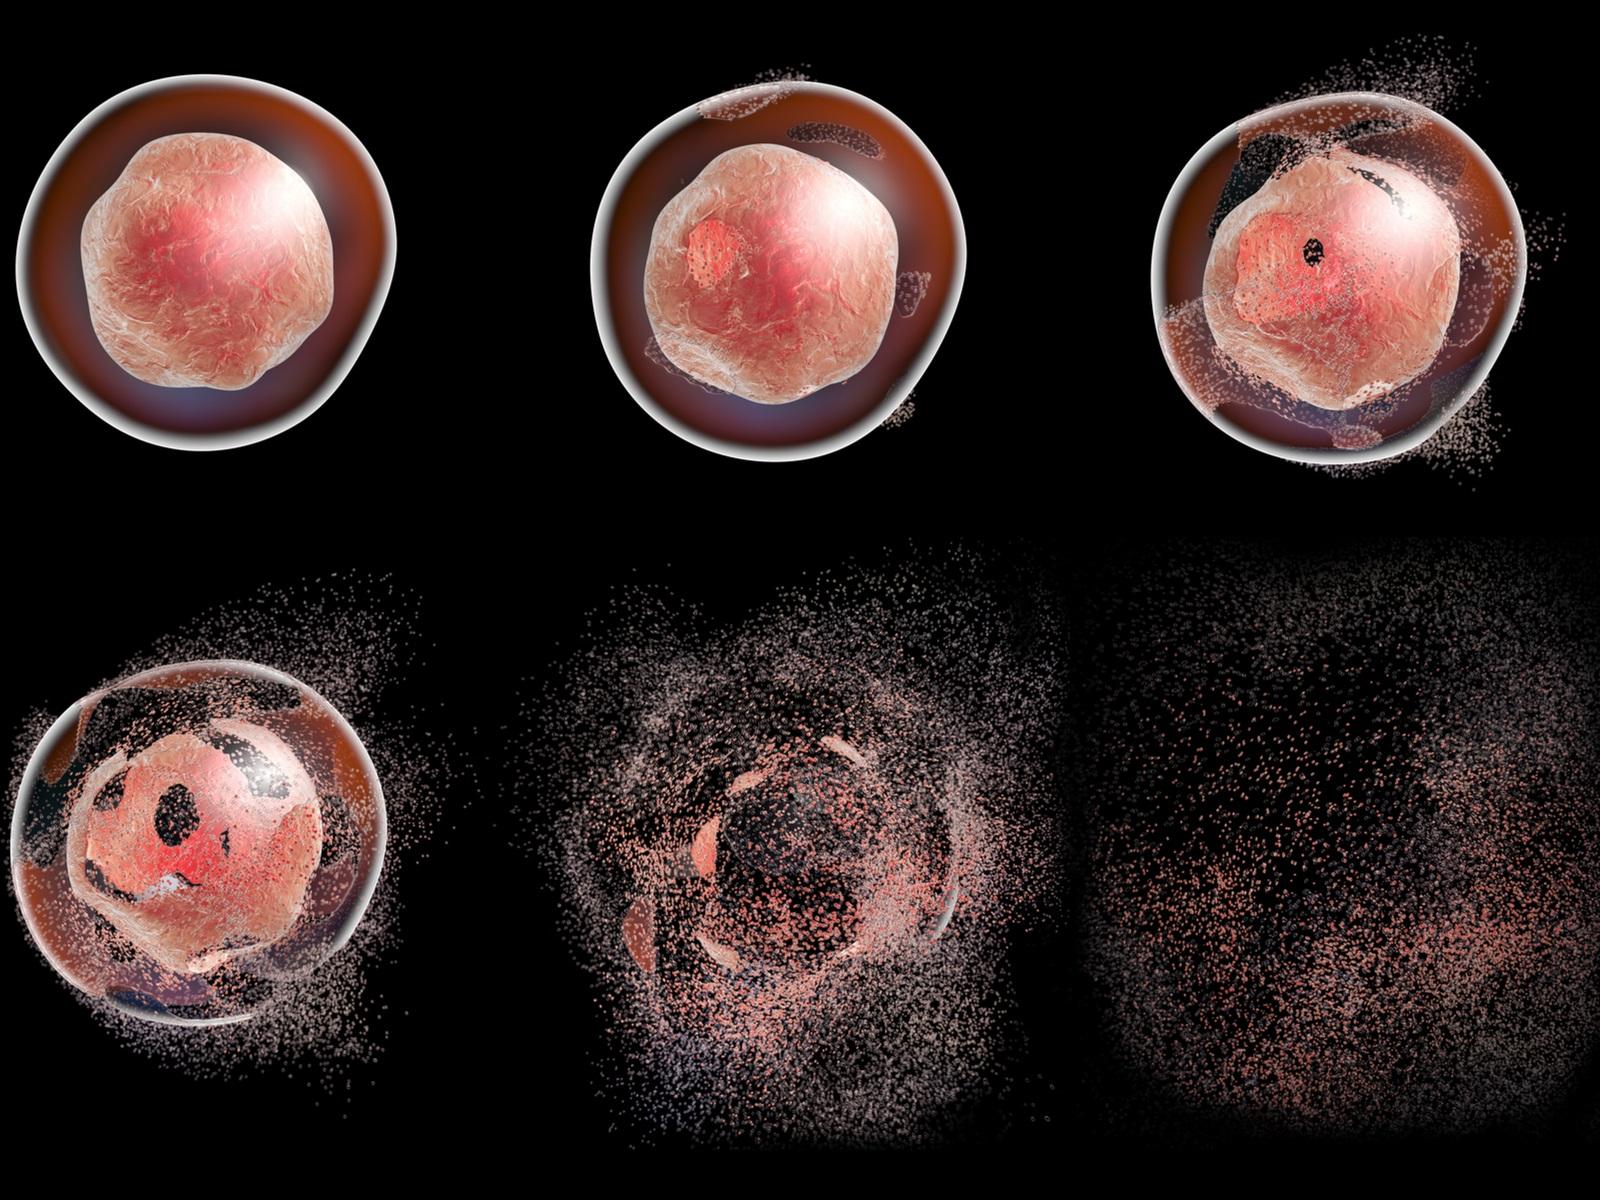 Апоптоз начинается сполучения клеткой сигнала кначалу «запрограммированного самоубийства» ипостепенно охватывает всю клетку, уничтожая её.